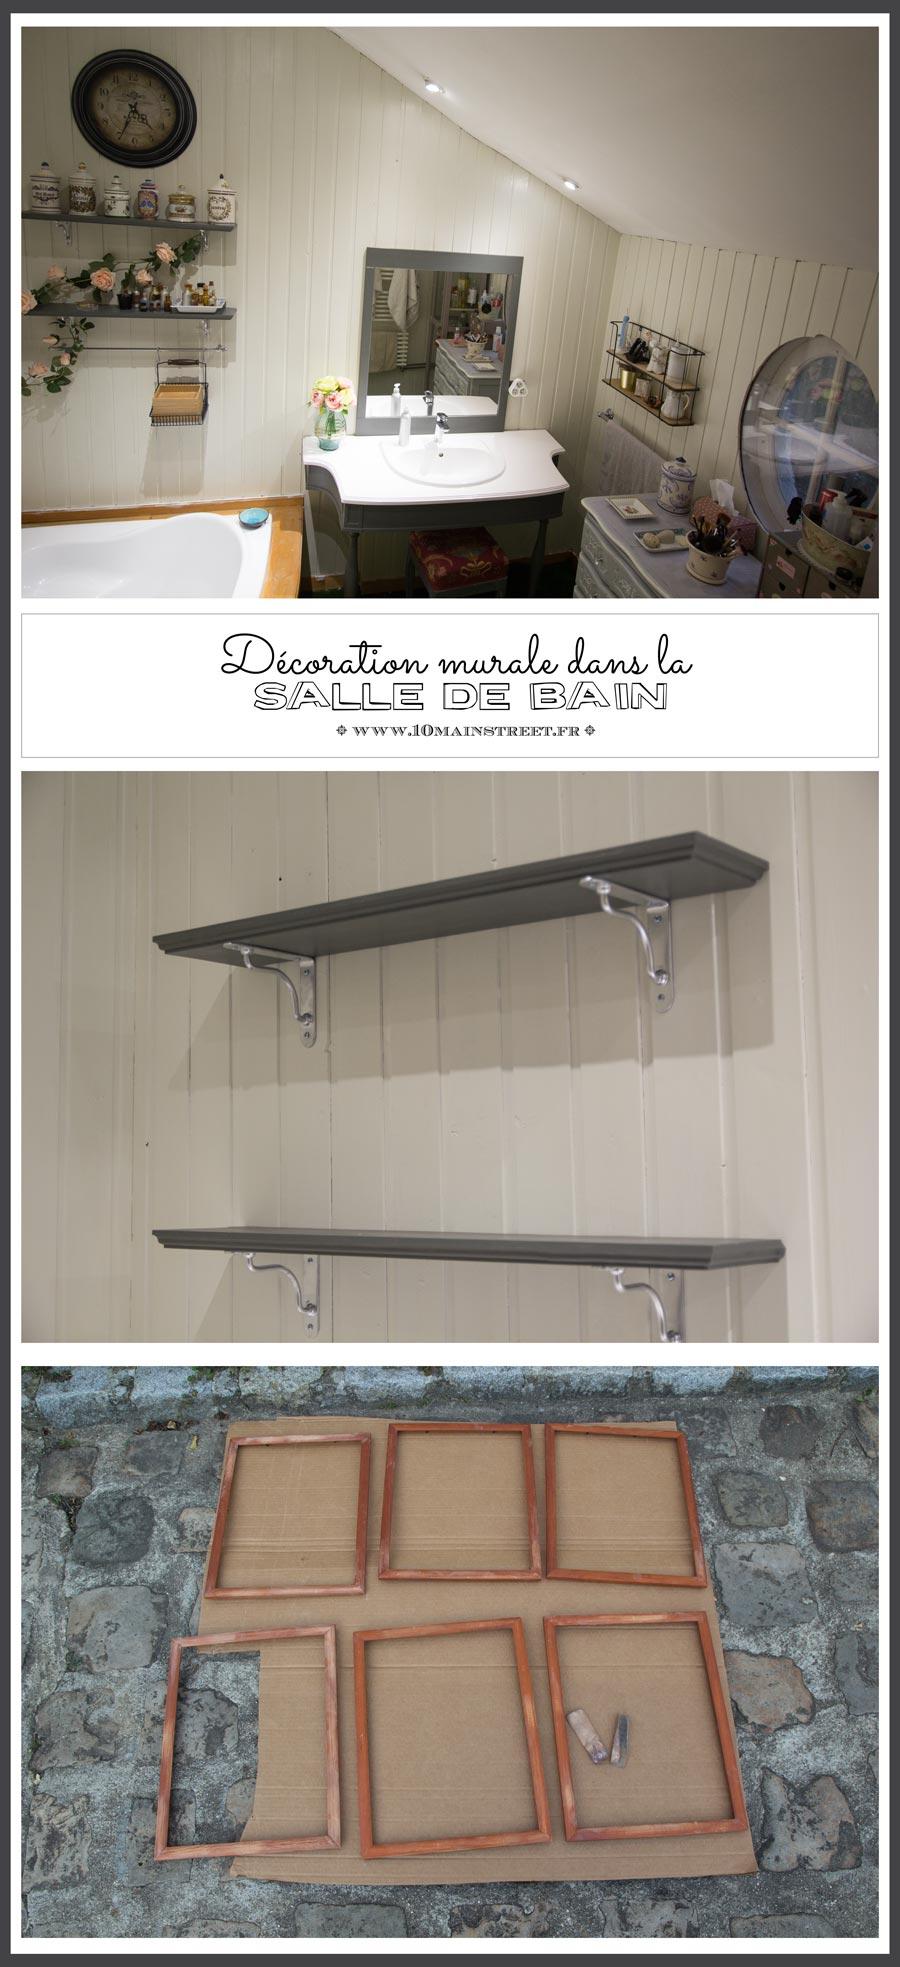 Décoration murale dans la salle de bain : étagères et photos ...